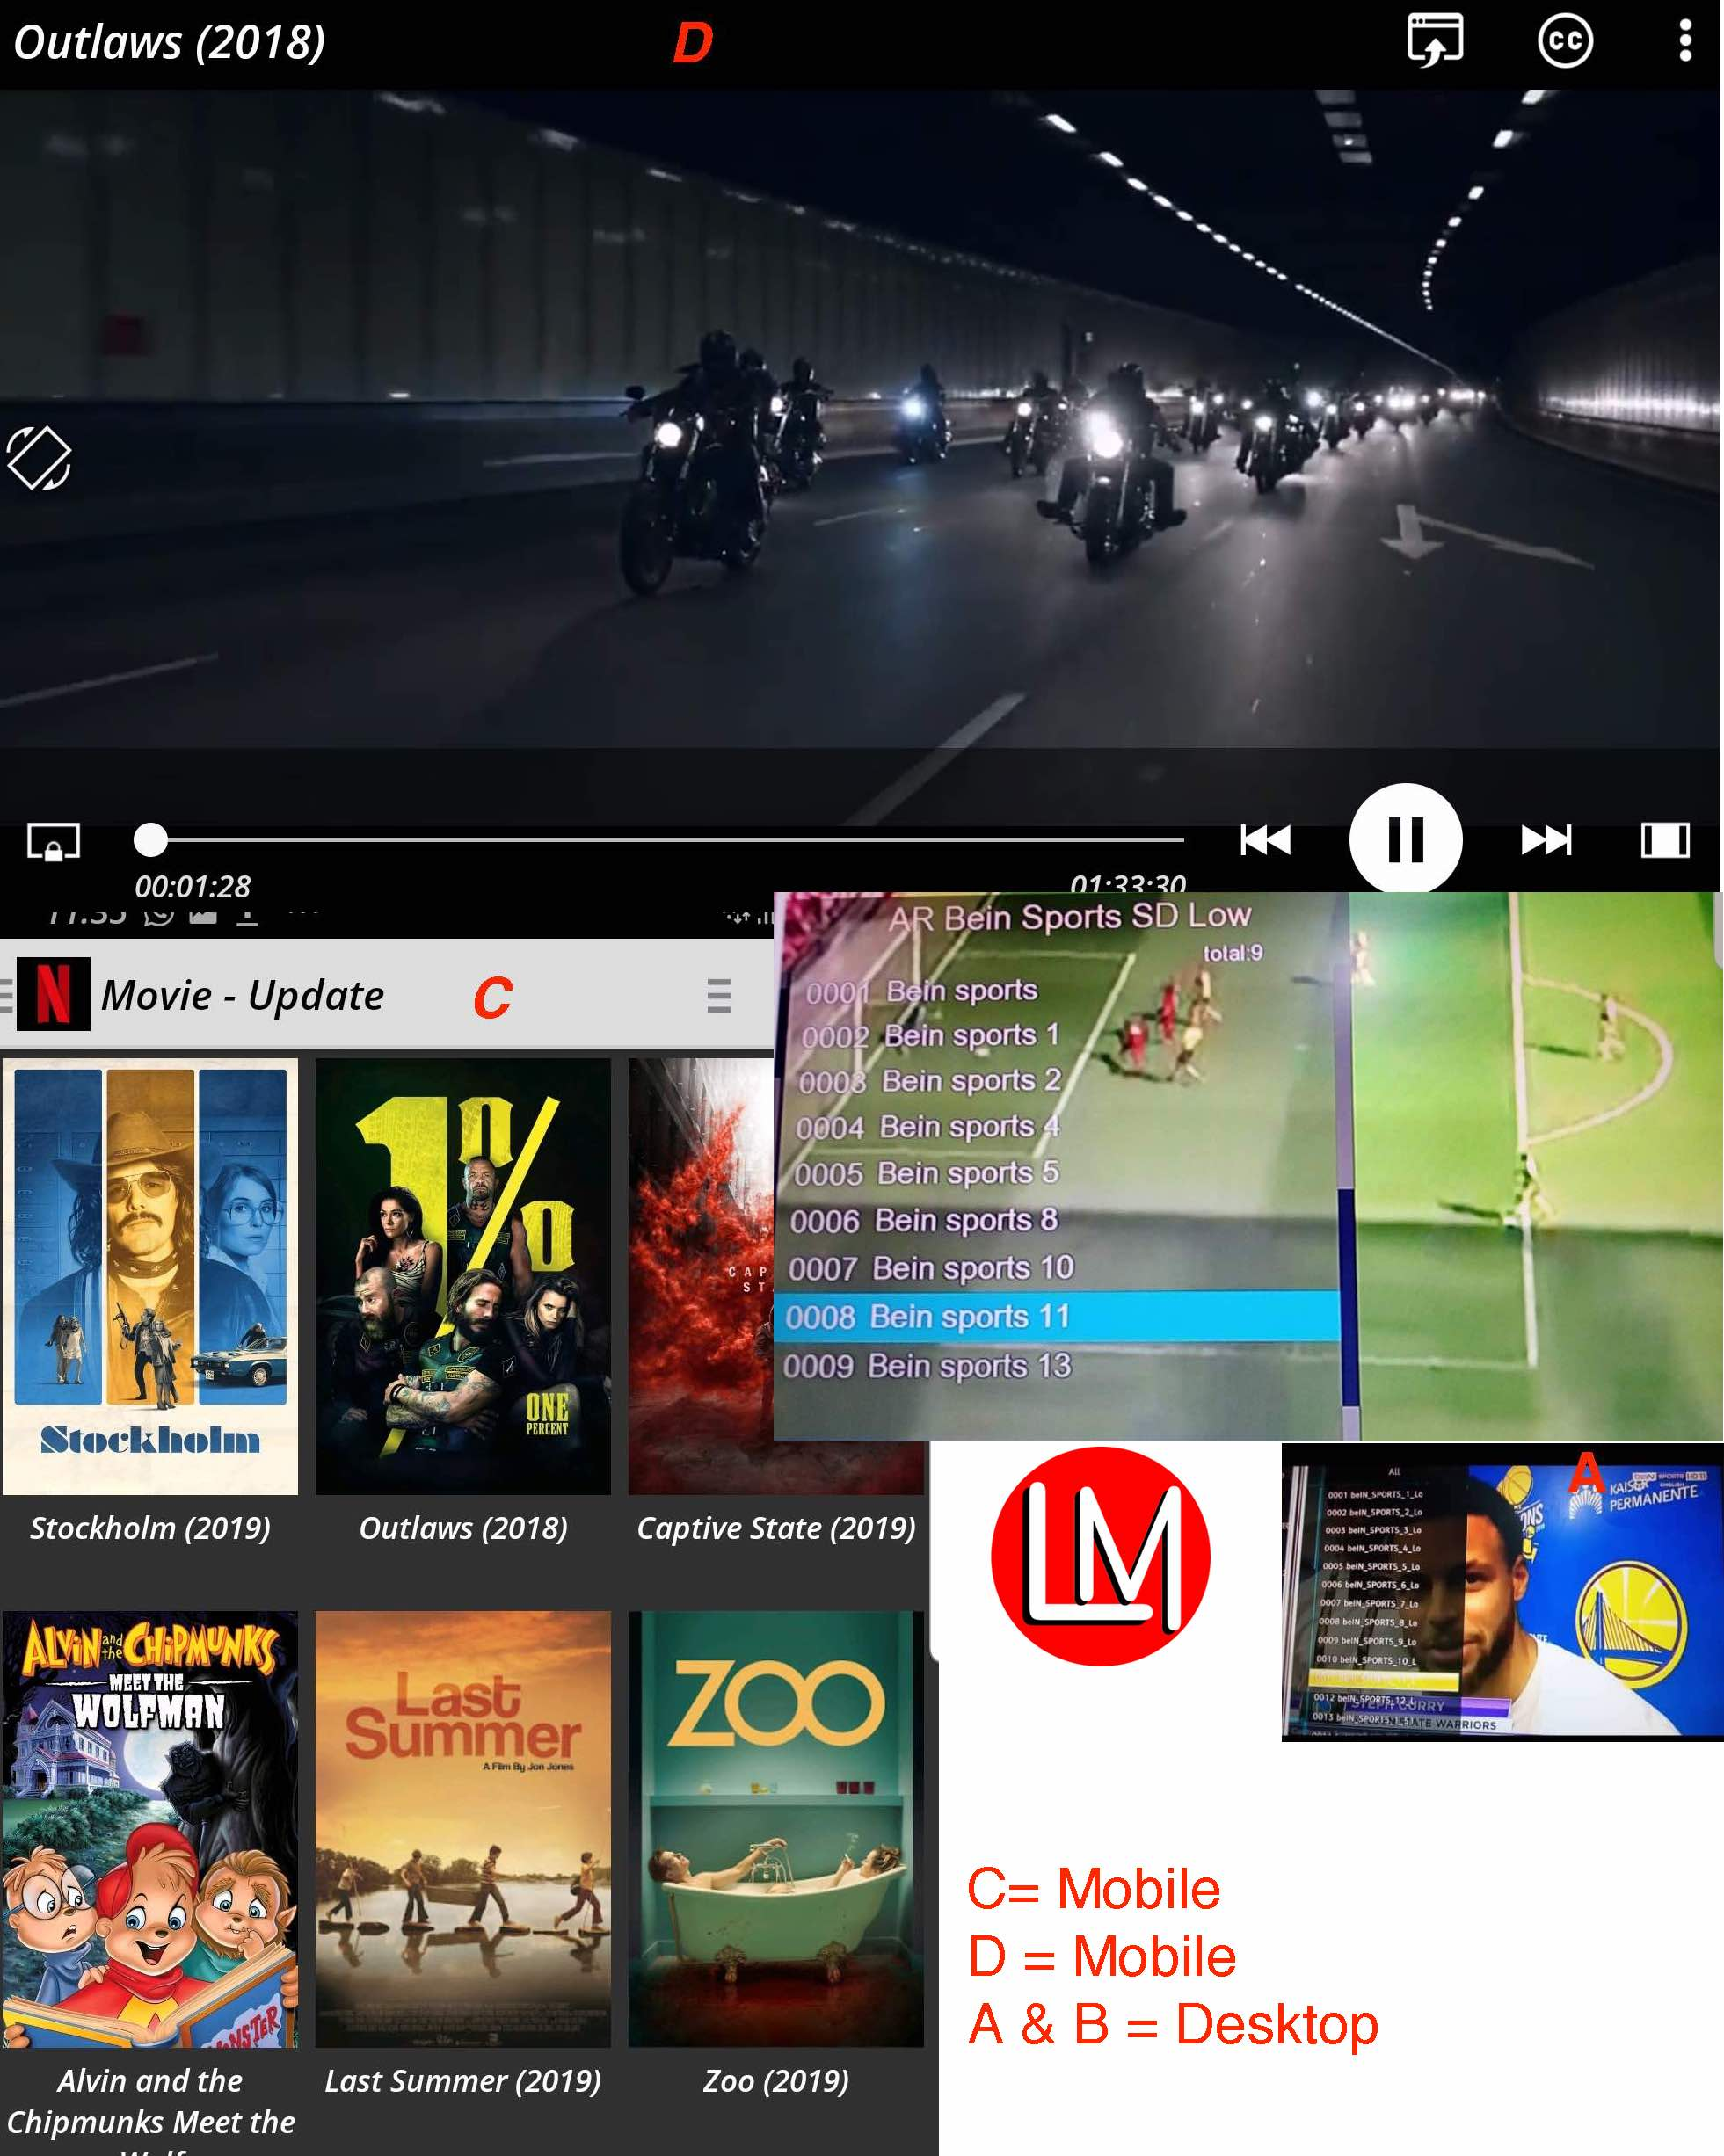 Mobile IPTV Vs Desktop IPTV Services: Detailed Comparisons